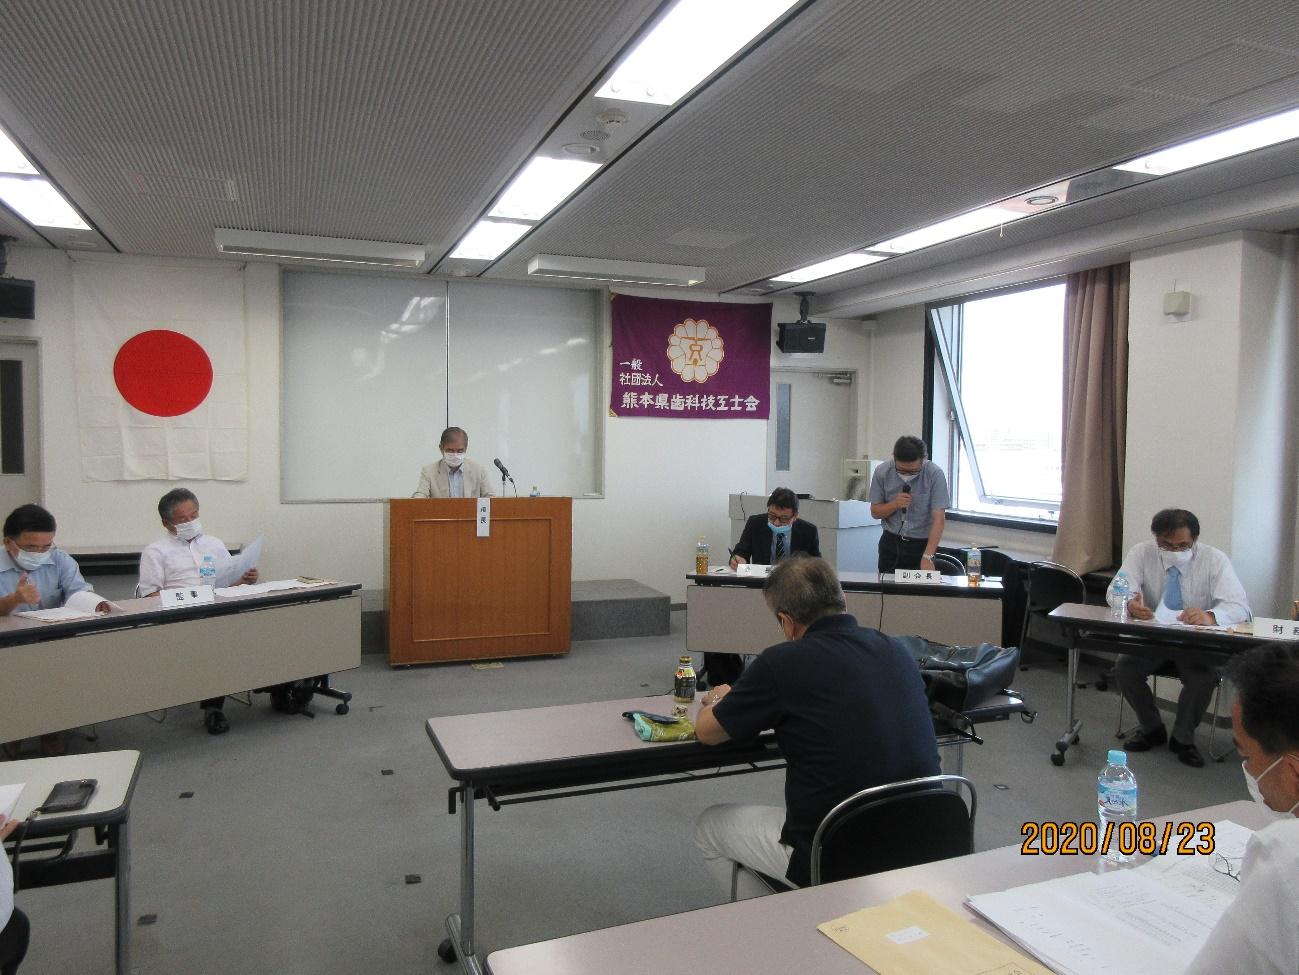 中村理事により連盟会務会計報告